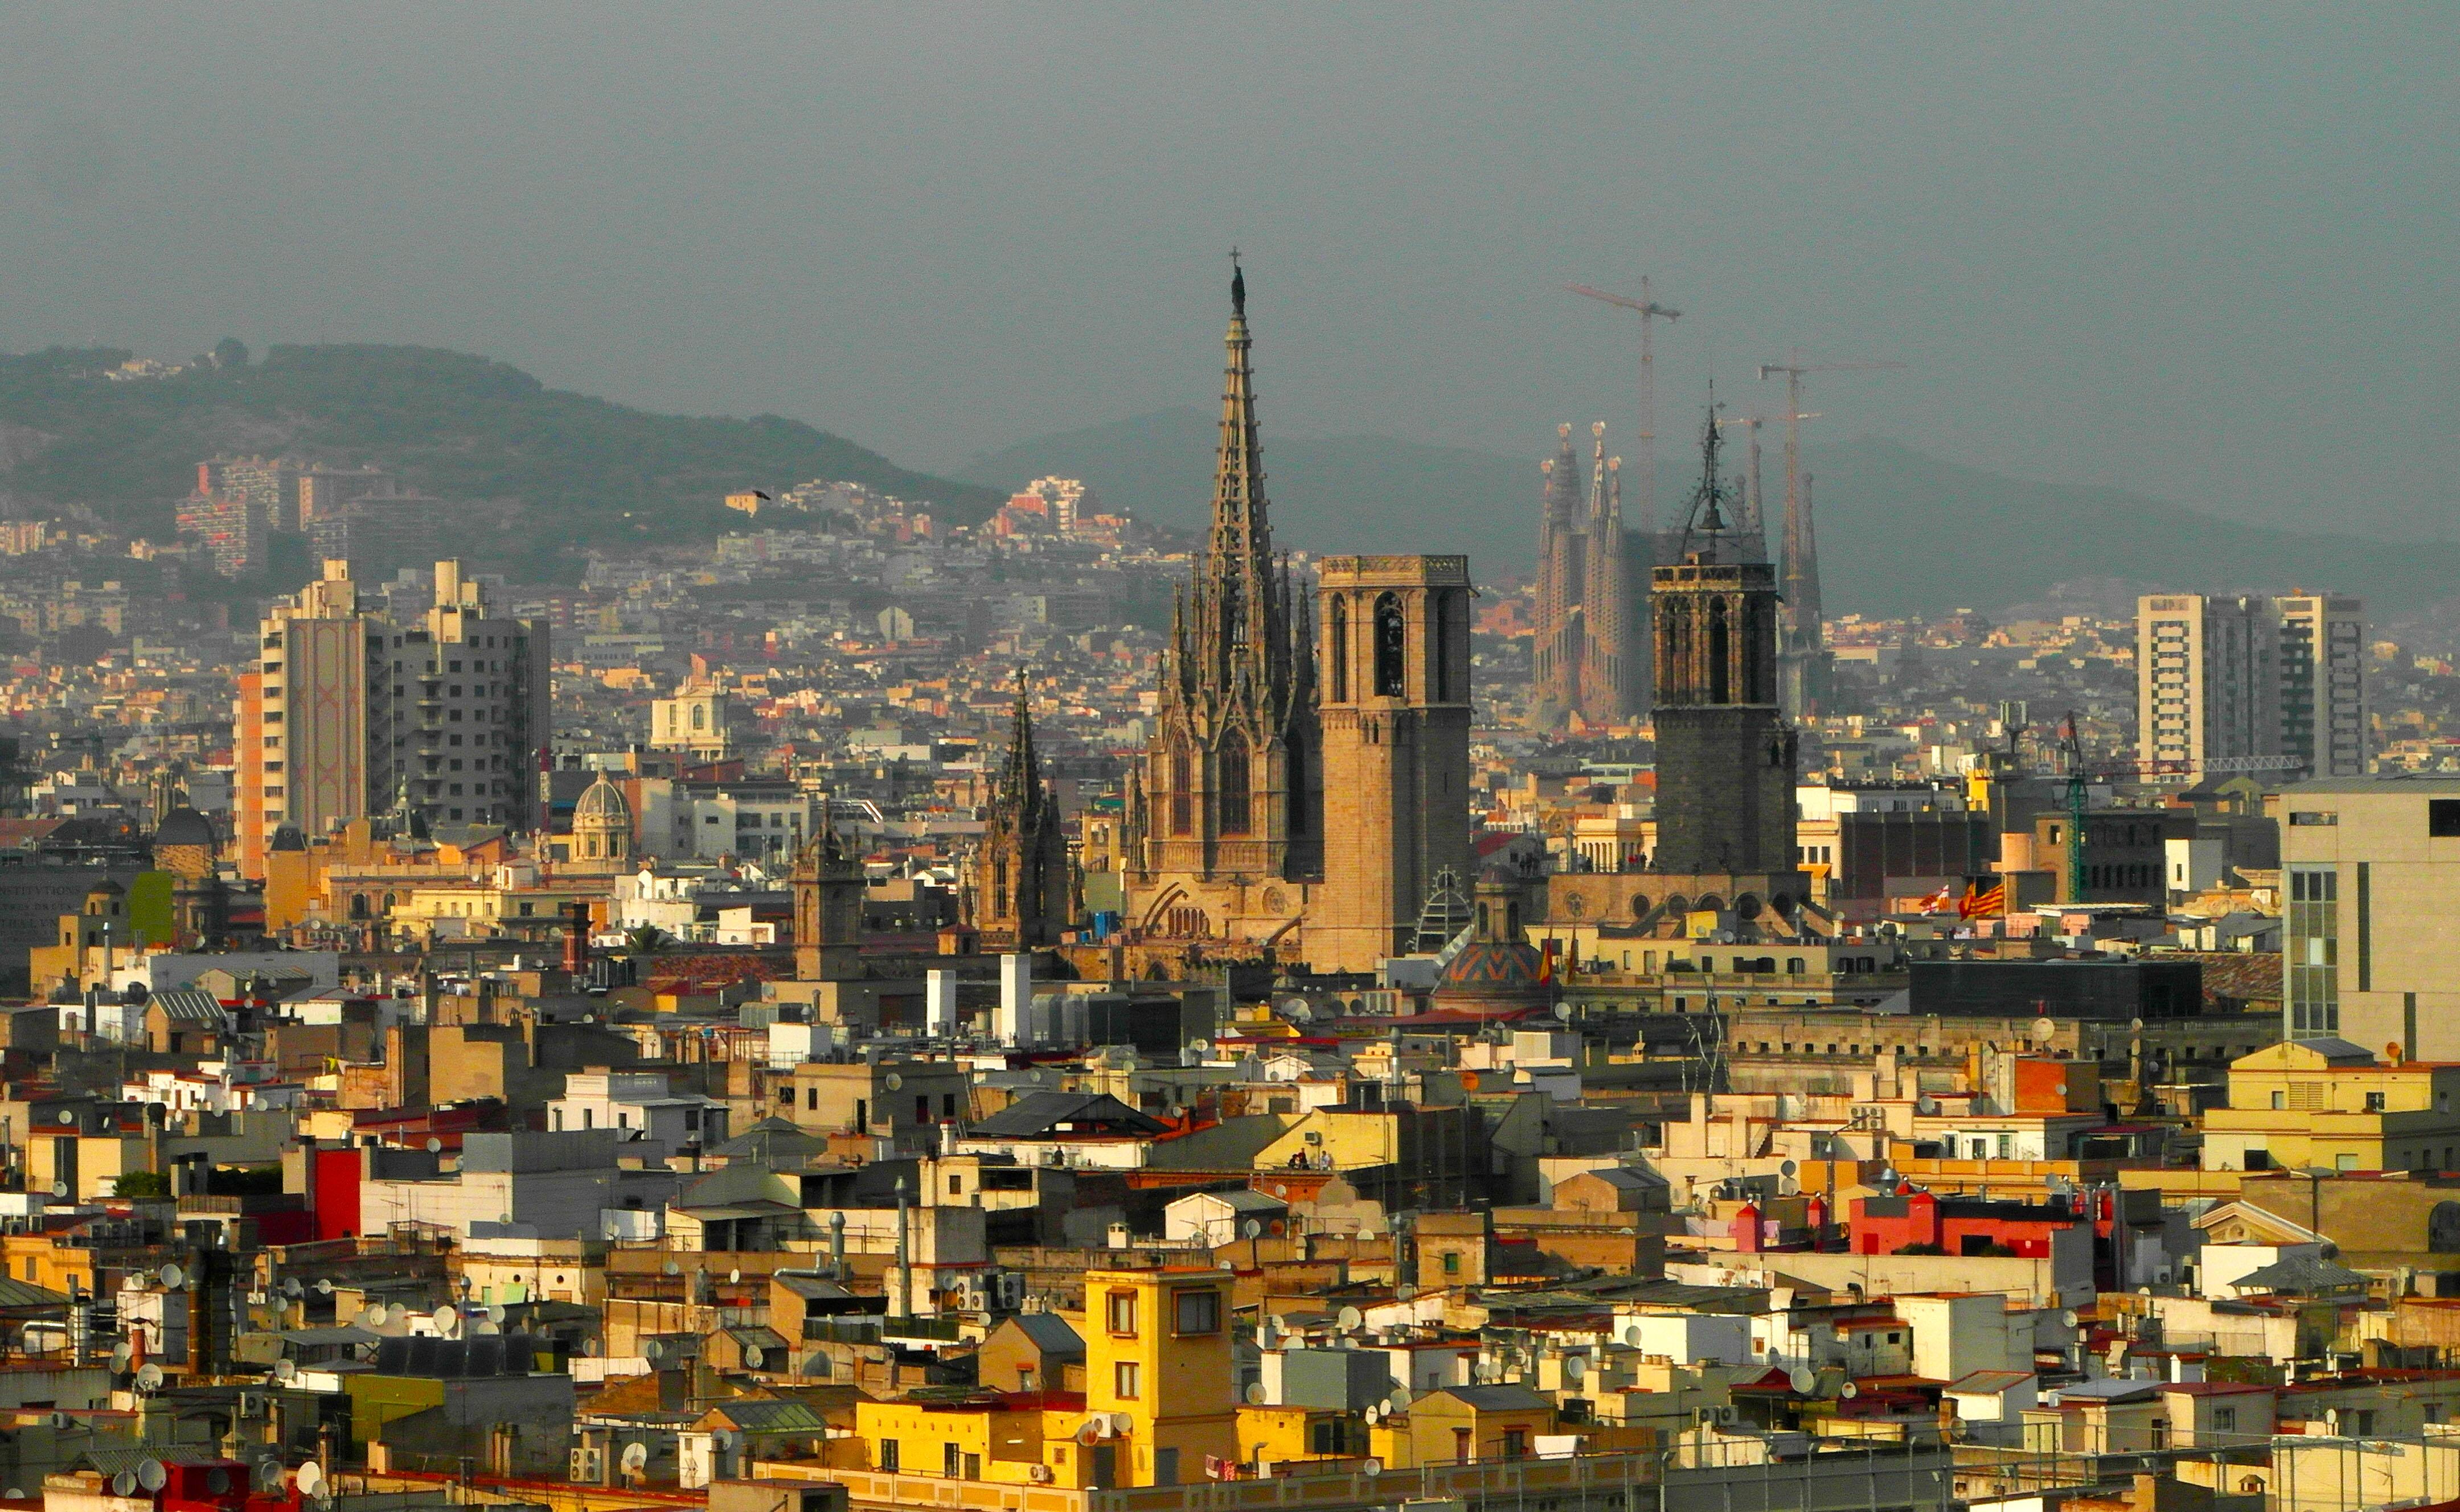 Barcelone : 15 anecdotes insolites que tu ignores certainement